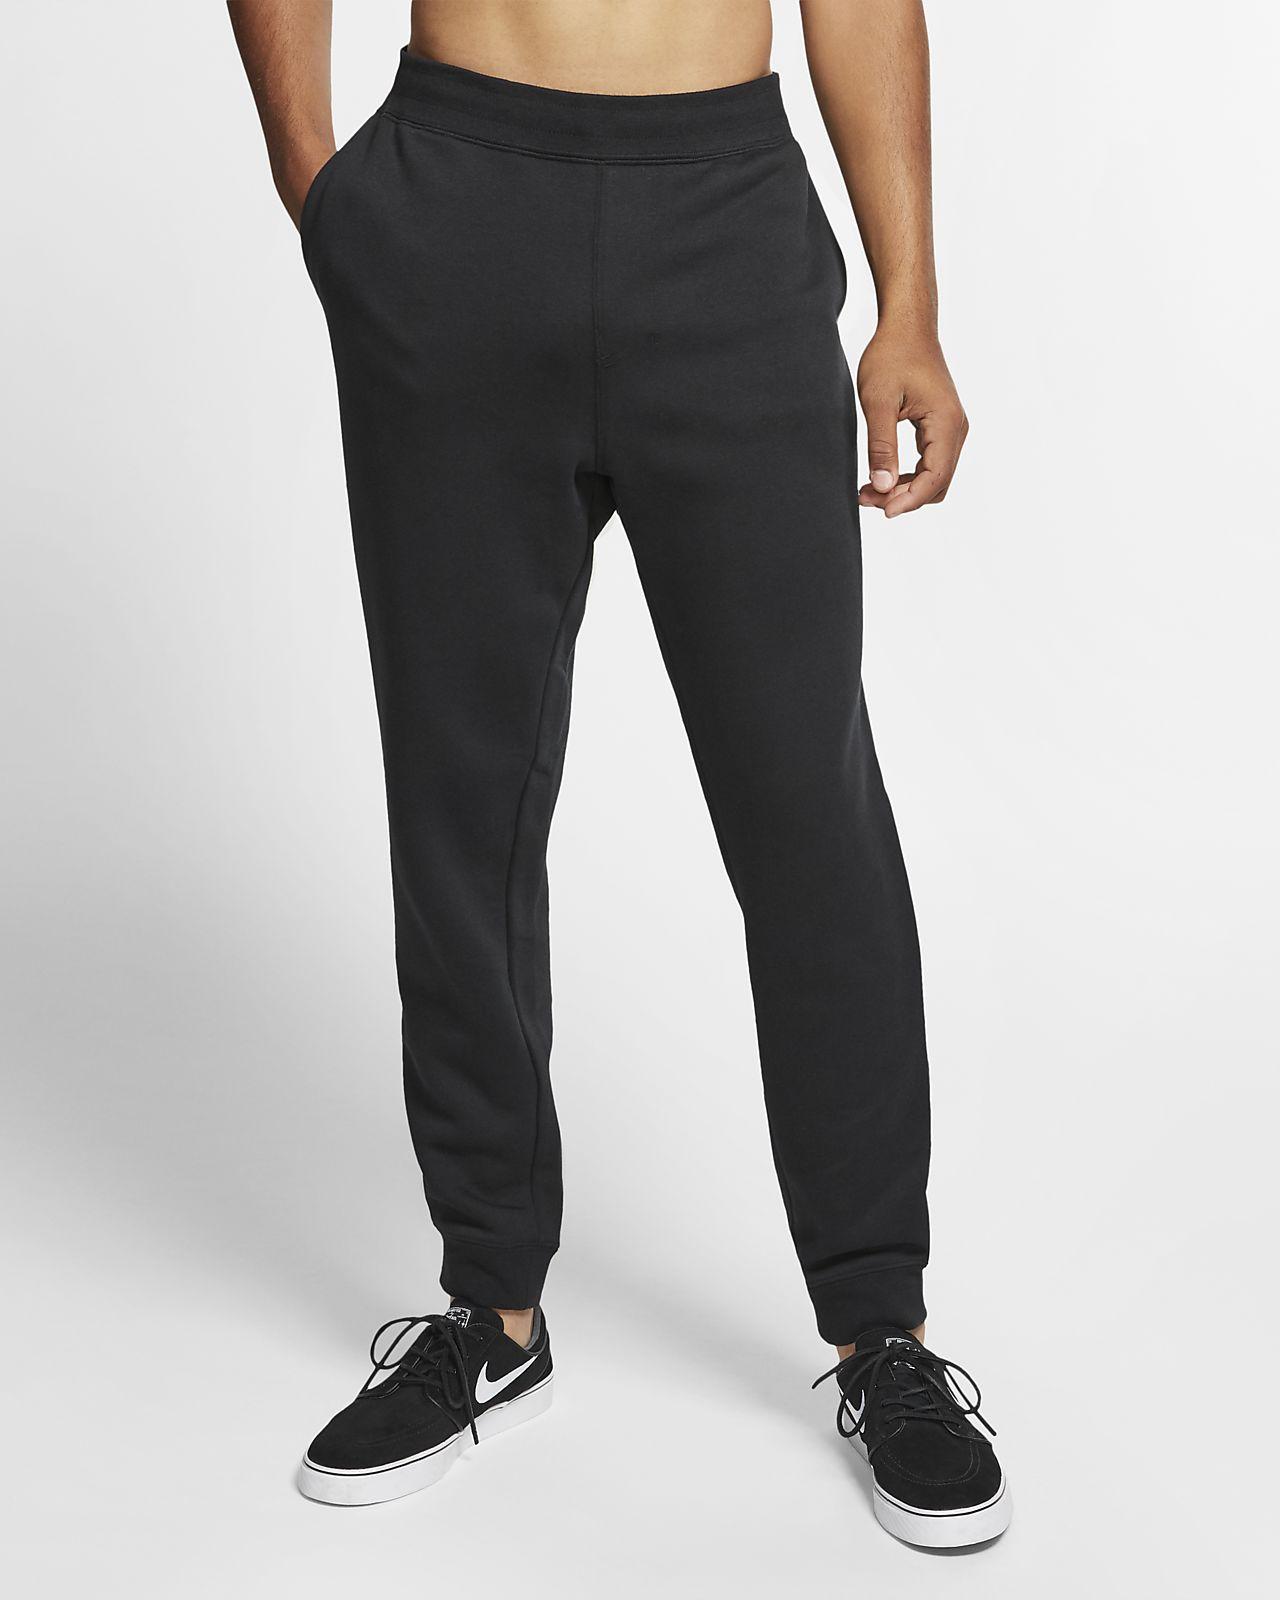 244b4f9a0f Pantalones deportivos de vellón para hombre Hurley Surf Check. Nike ...